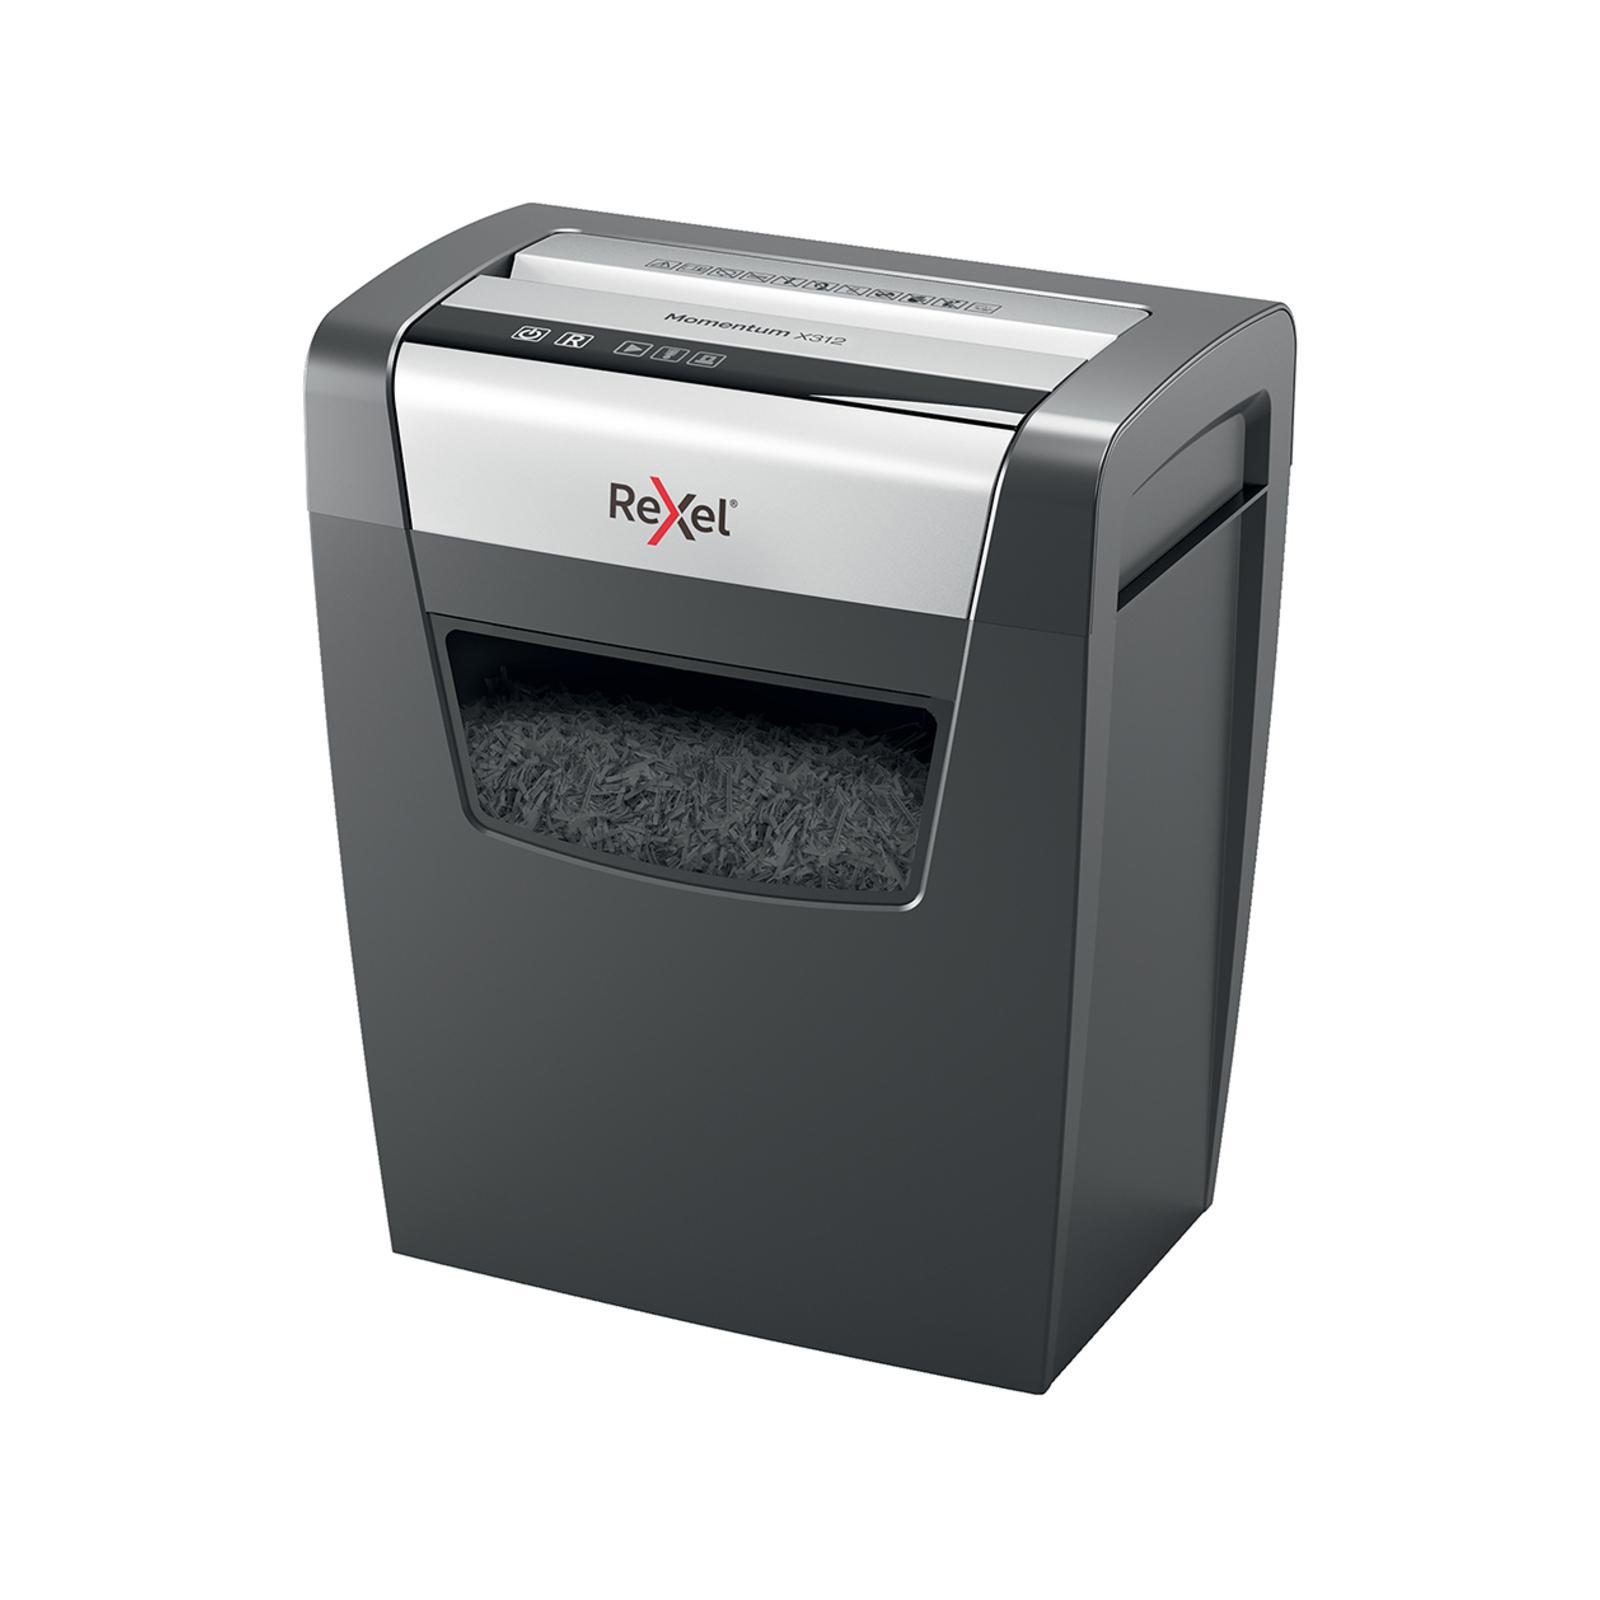 Rexel Momentum X312 Office/Home 23L Cross Cut Shredder A4 Paper 12 Sheets Cutter